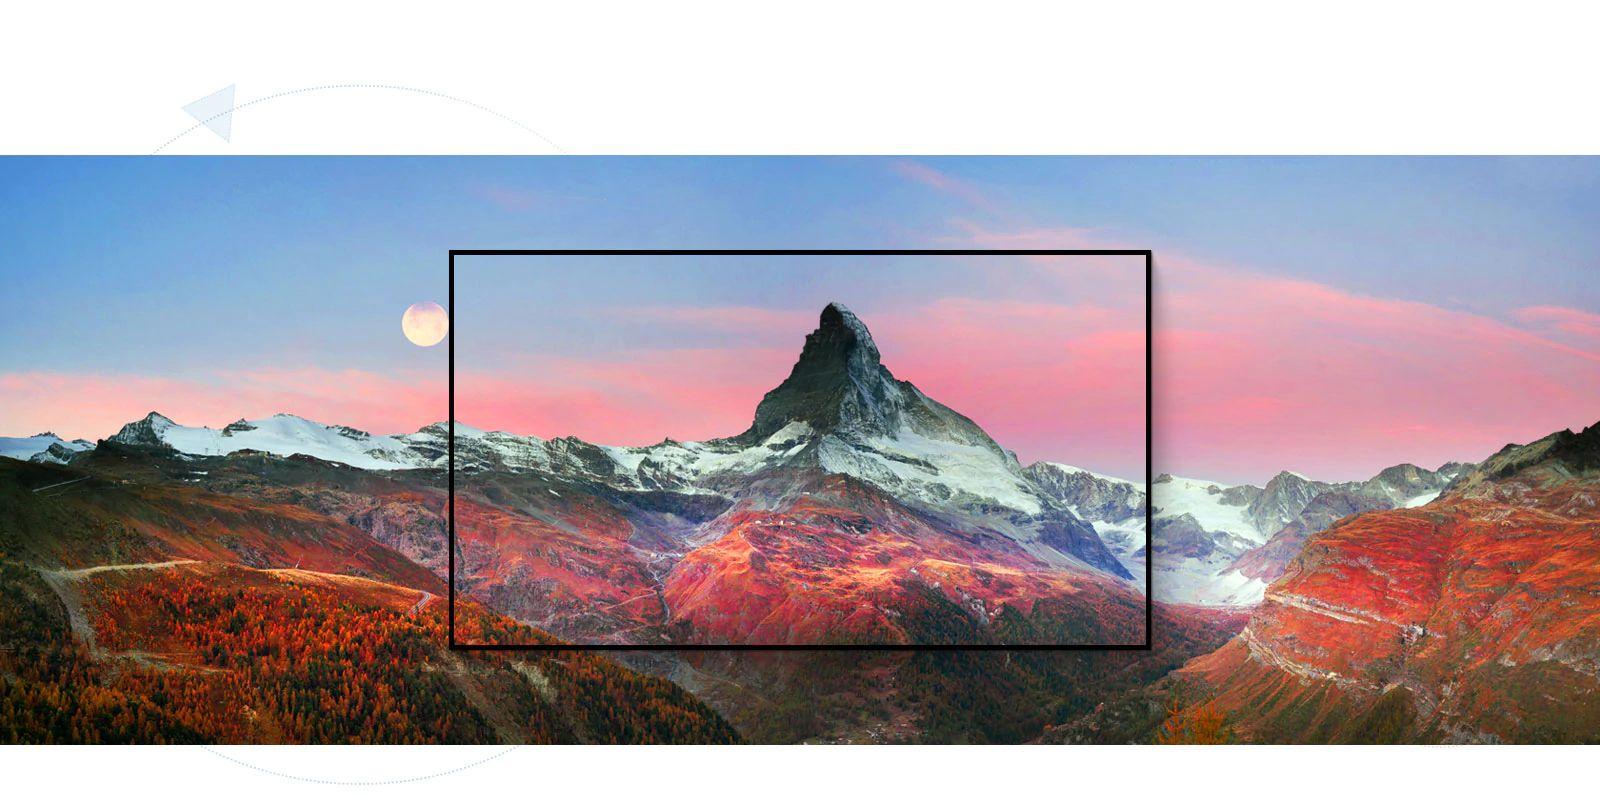 Ein Rahmen um eine atemberaubende Bergkulisse (Video abspielen)